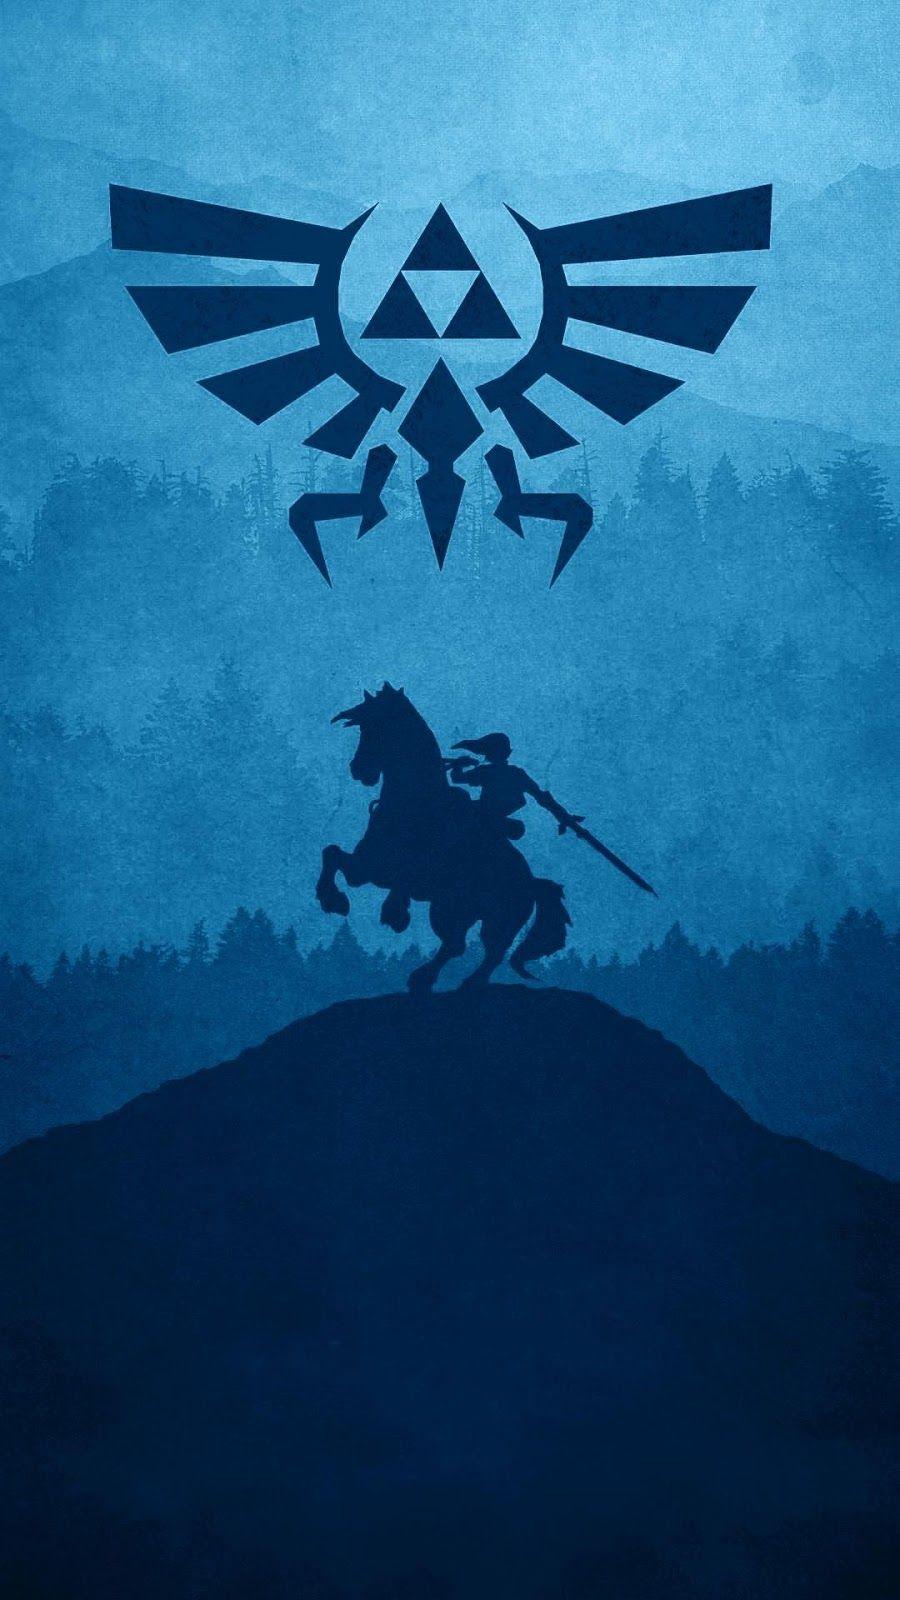 Legend Of Zelda Wallpaper Hd Wallpapers Phone